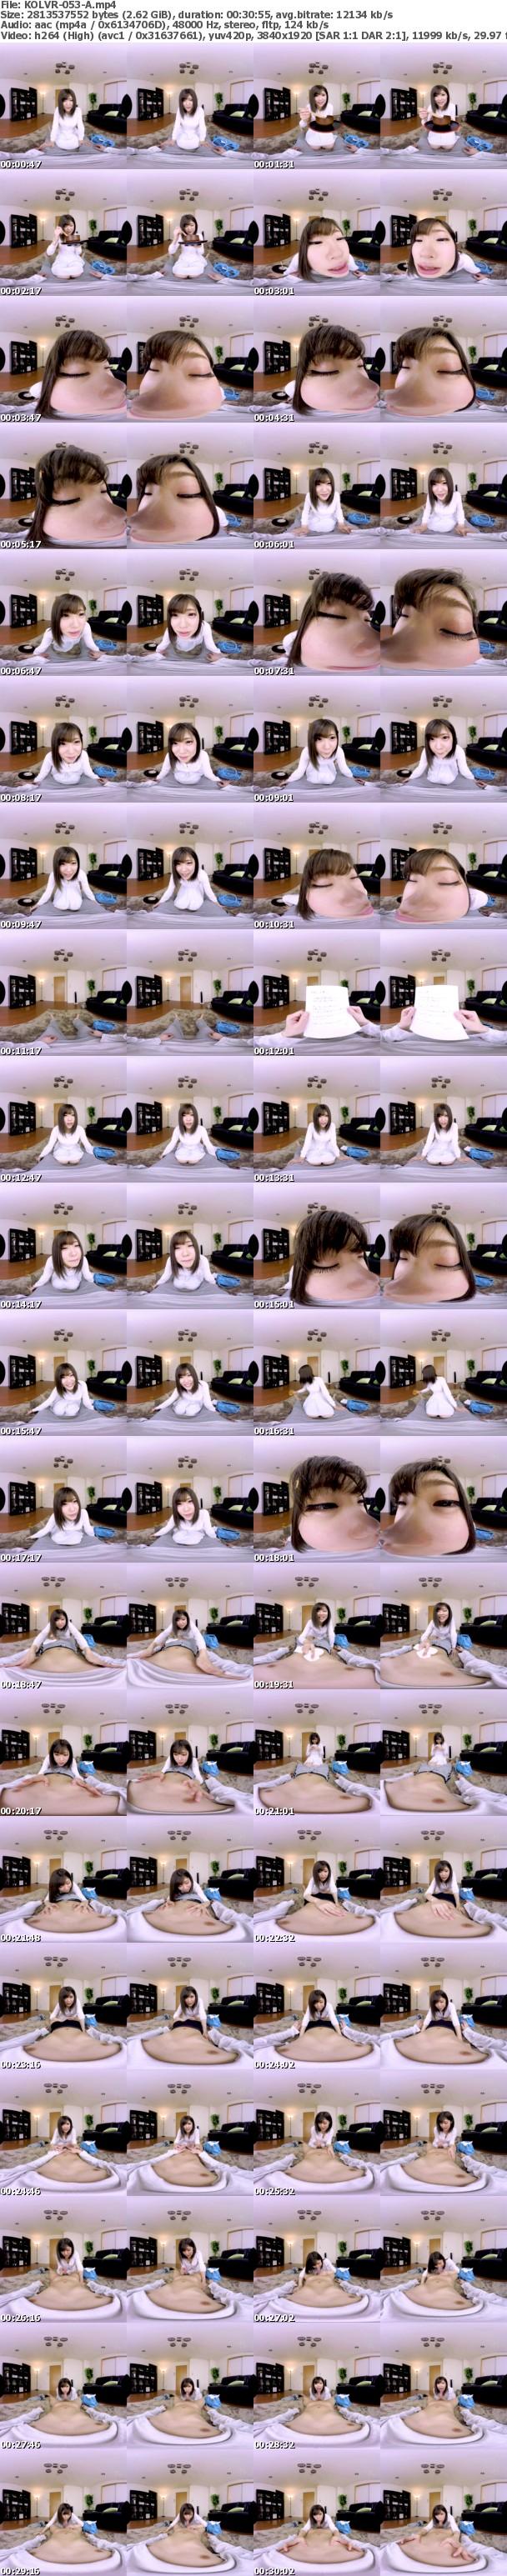 VR/3D KOLVR-053 「先輩ずっと好きでした!つき合ってください 」石川祐奈ちゃんがマジ告白!つき合う前に突き合って中出しちゃいましたww